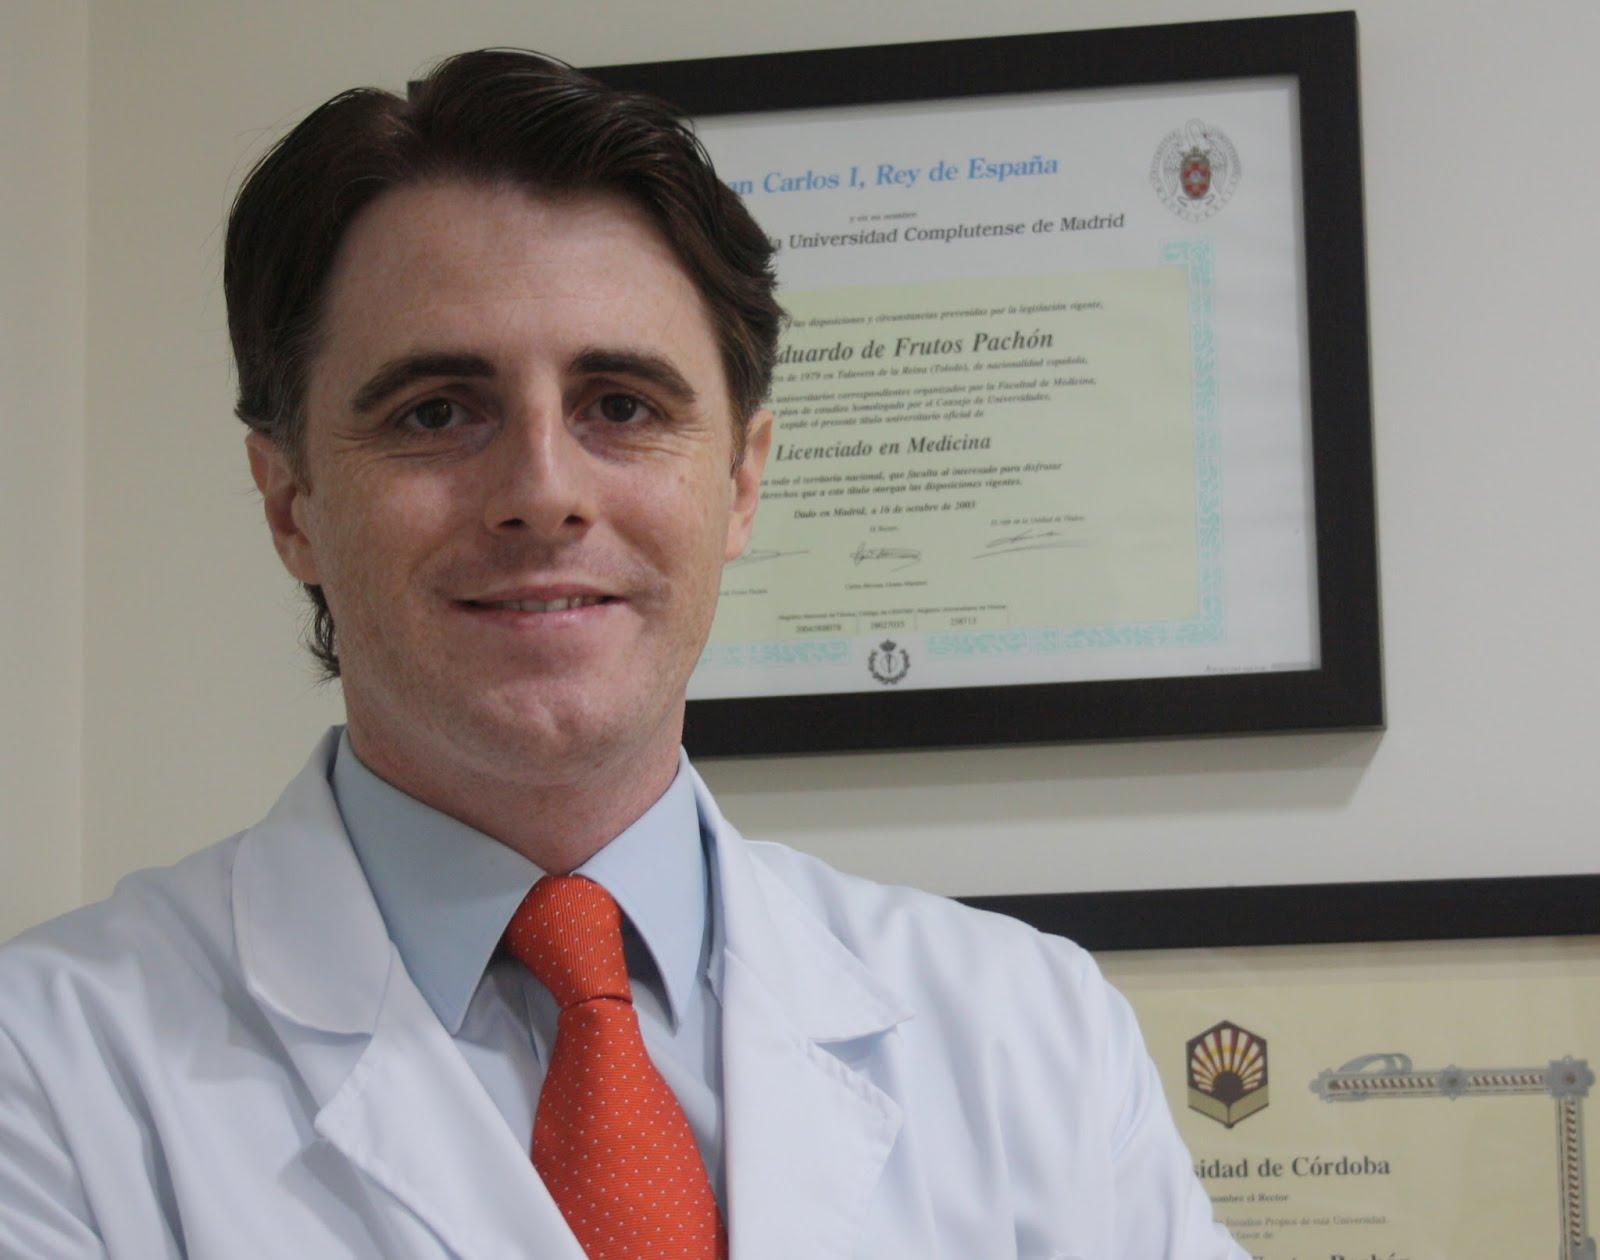 Dr. Eduardo de Frutos